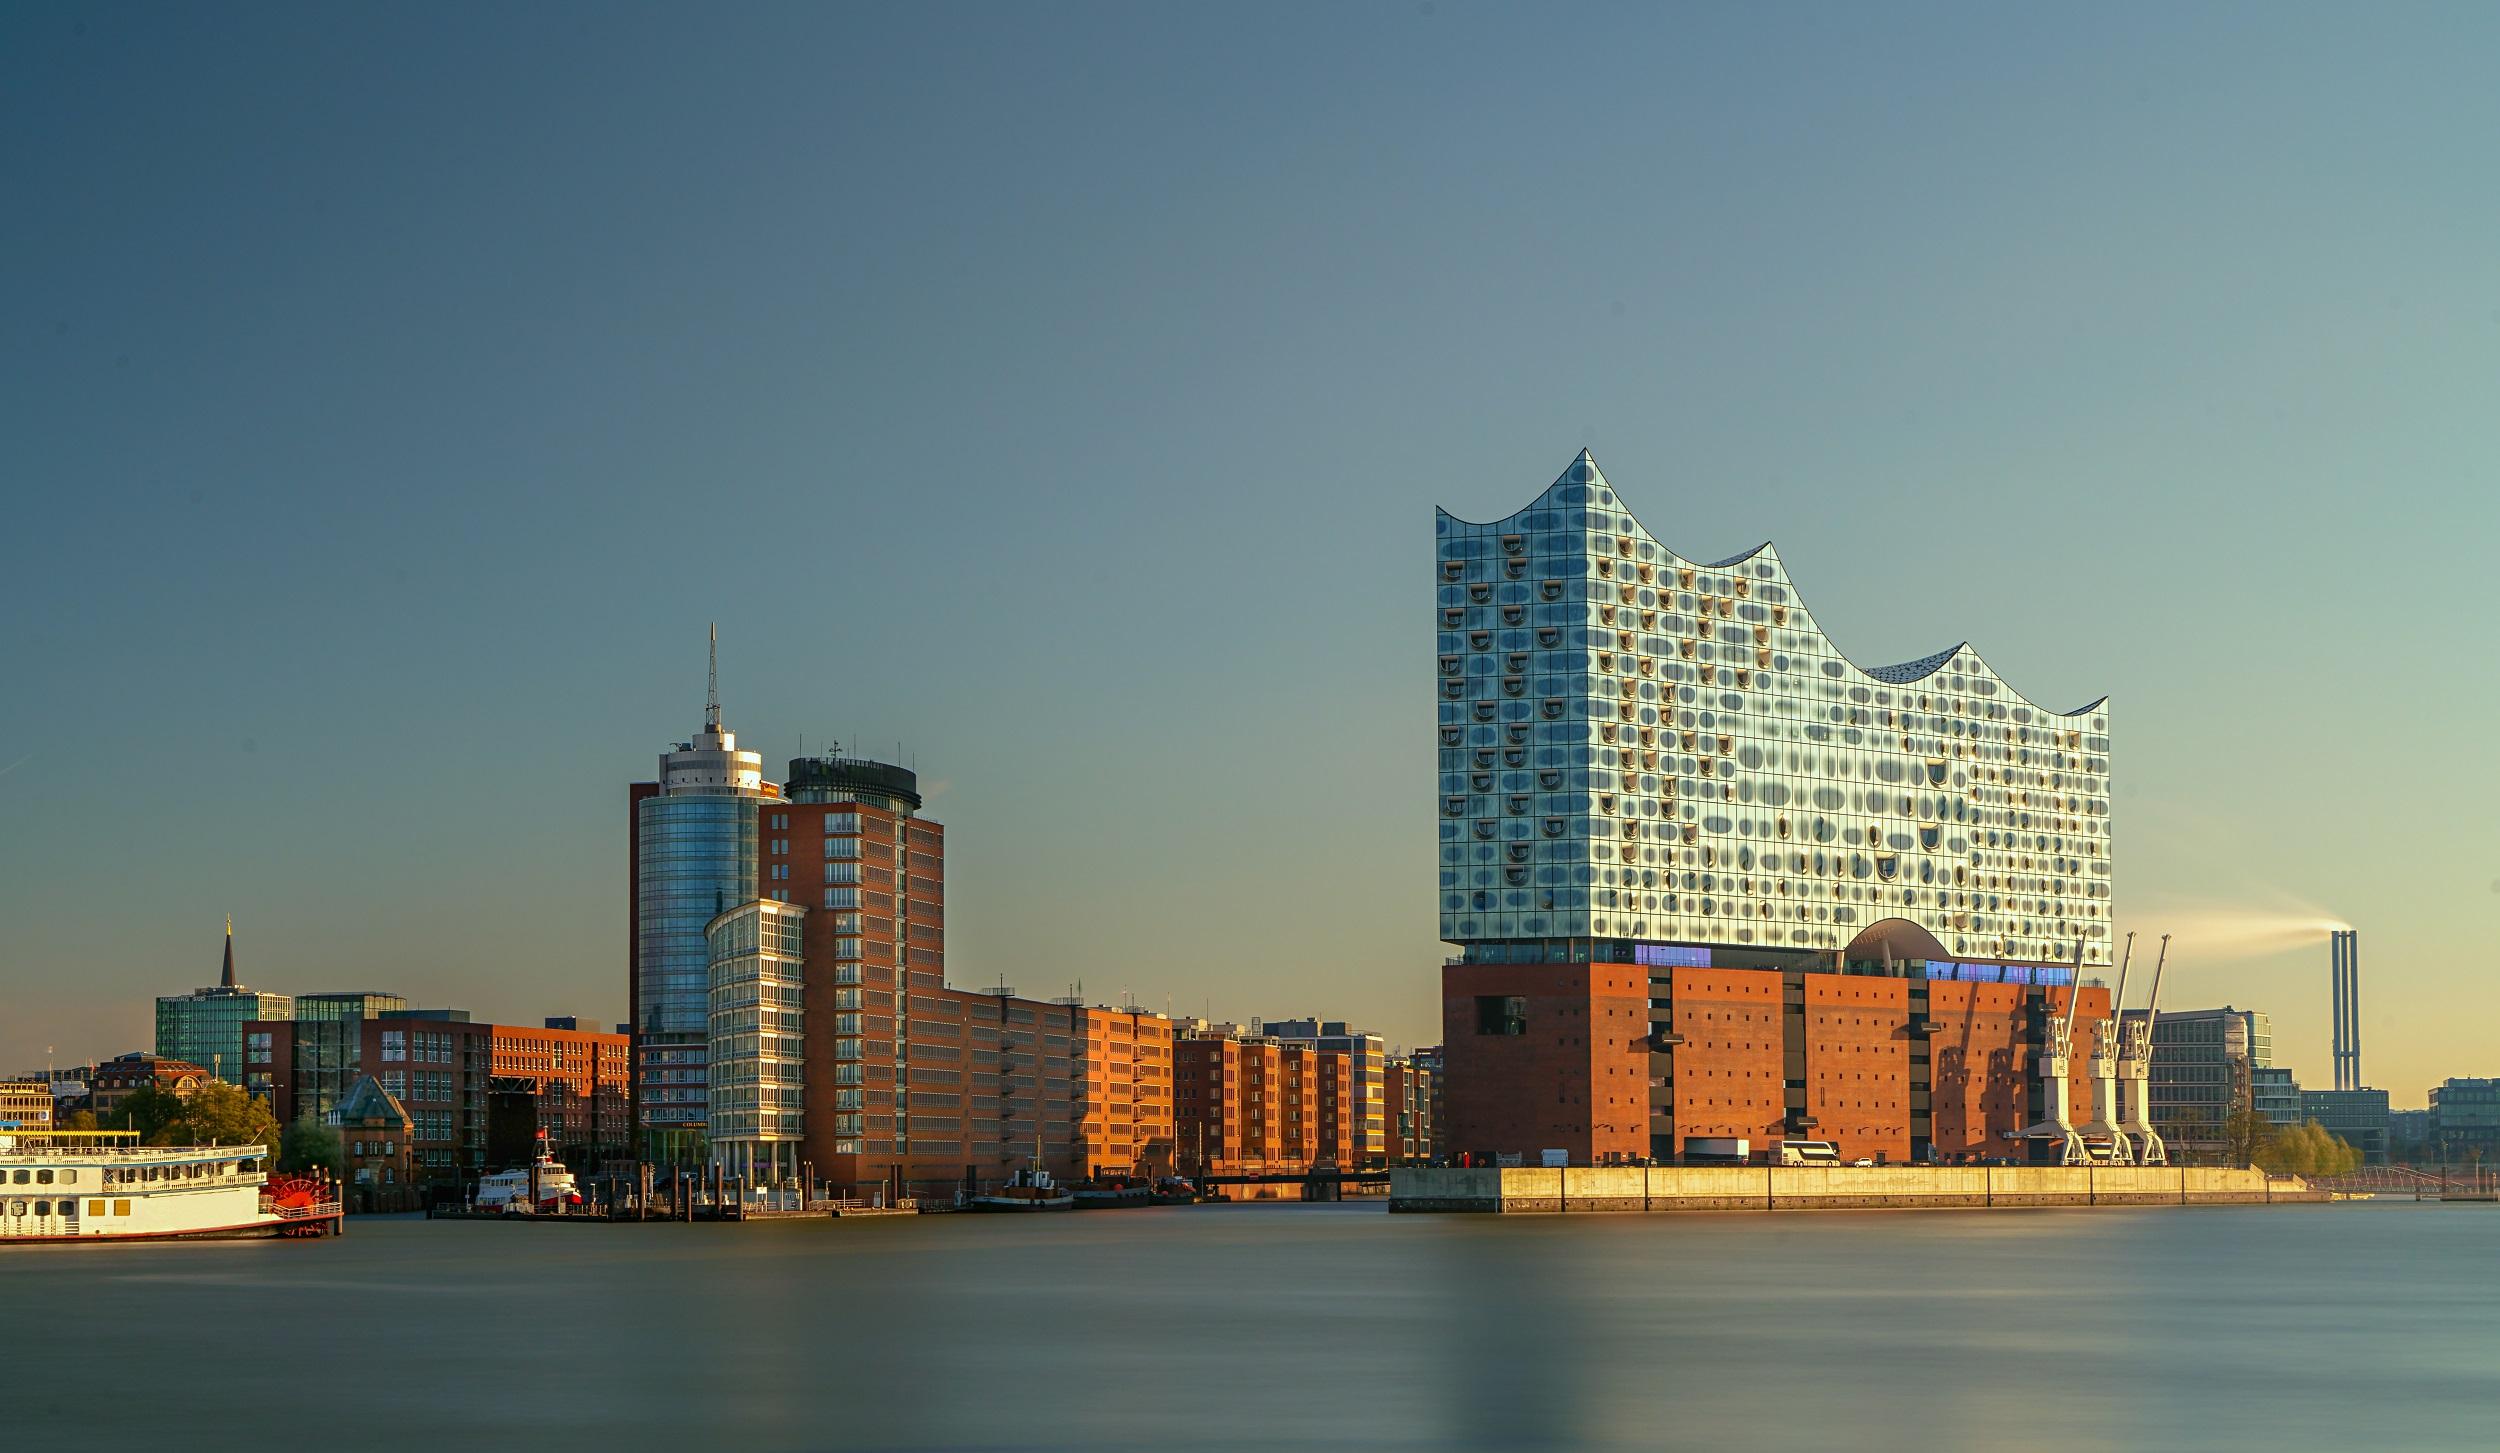 Fotonachweis: AdobeStock / Daniel Fröhlich // Elbphilharmonie Hamburg als beispielhaftes Konzerthaus.